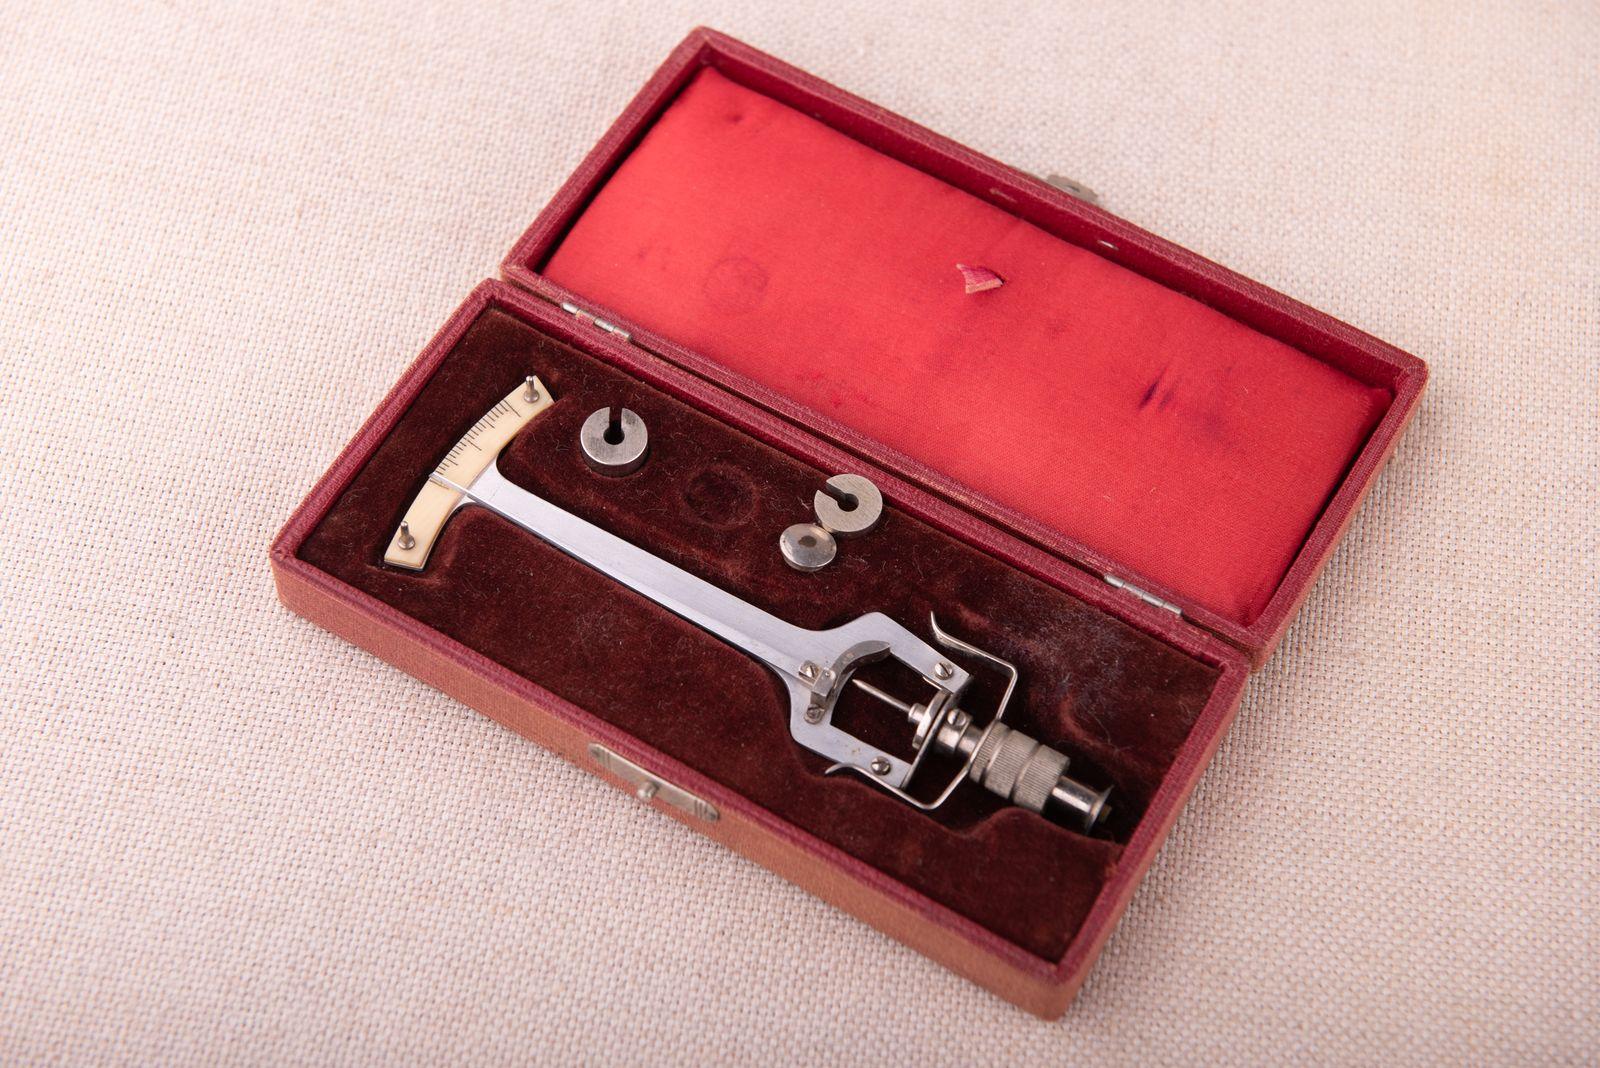 Muzei62_Апарат за мерене на вътреочно налягане от 30-те години на ХХ в